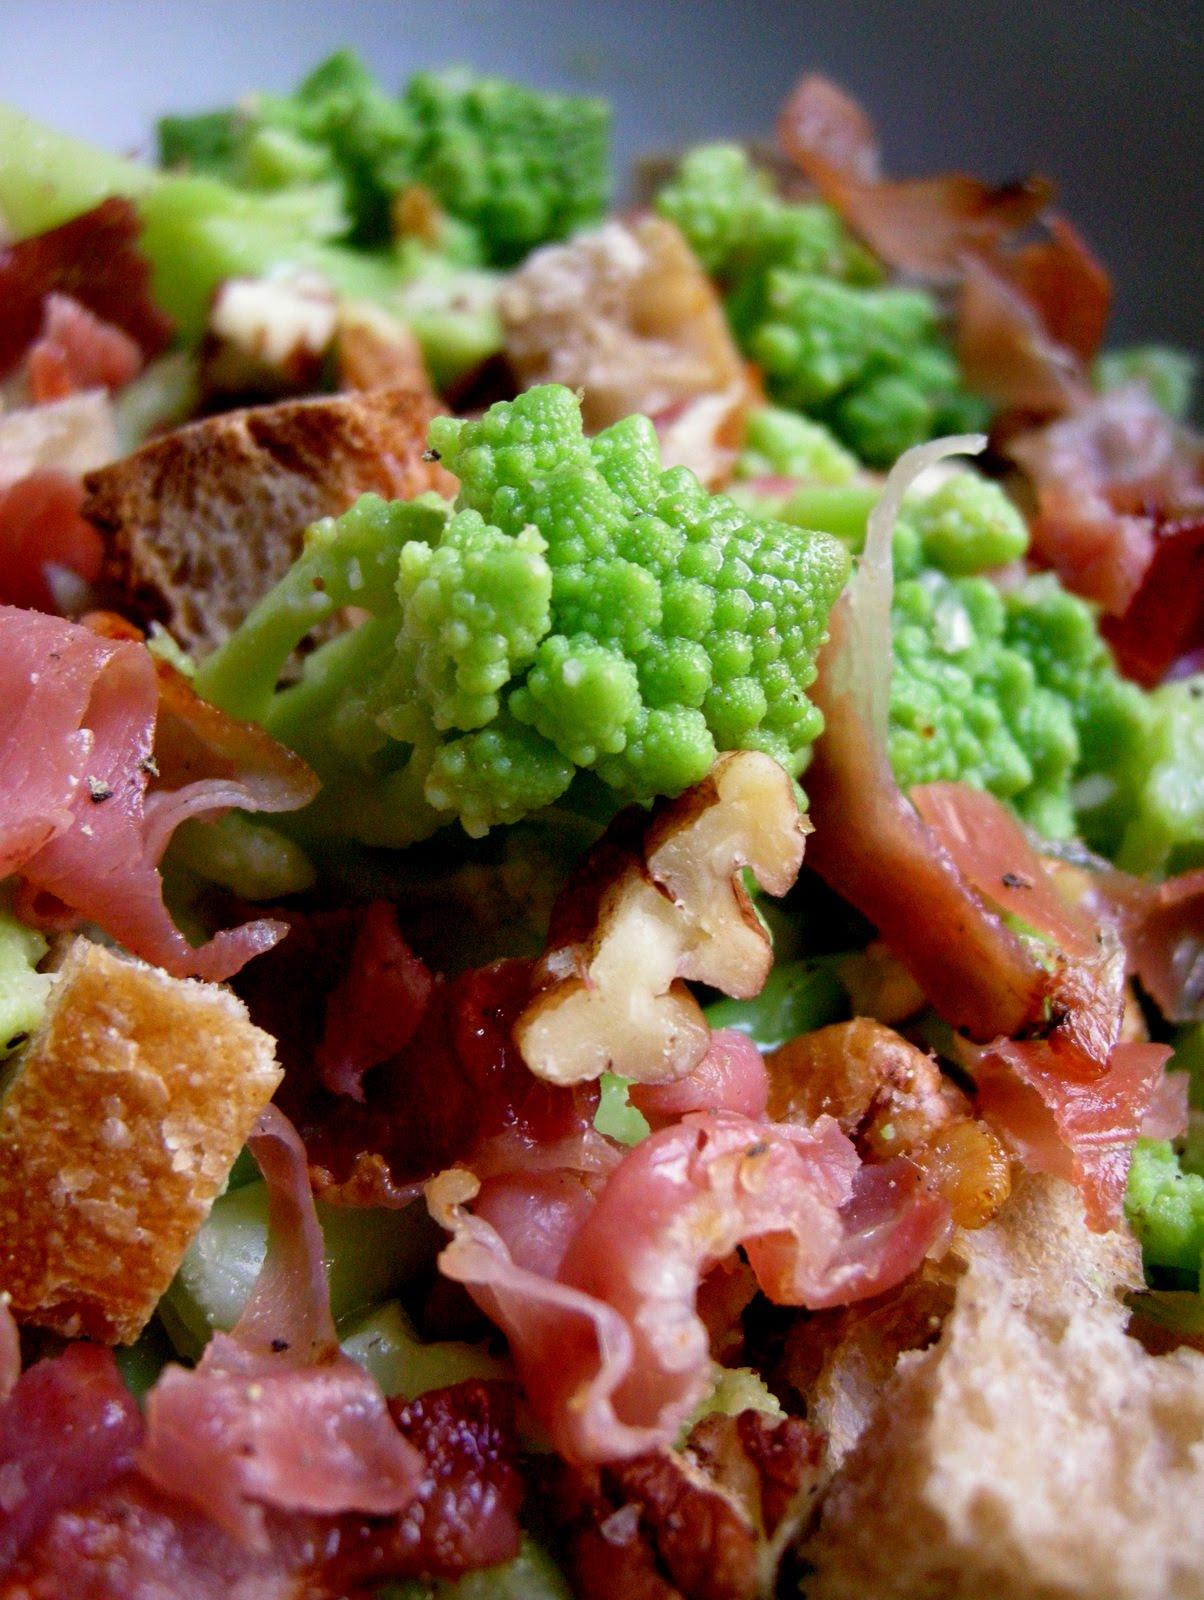 Food box chou romanesco pour une jolie salade - Cuisiner le chou romanesco ...